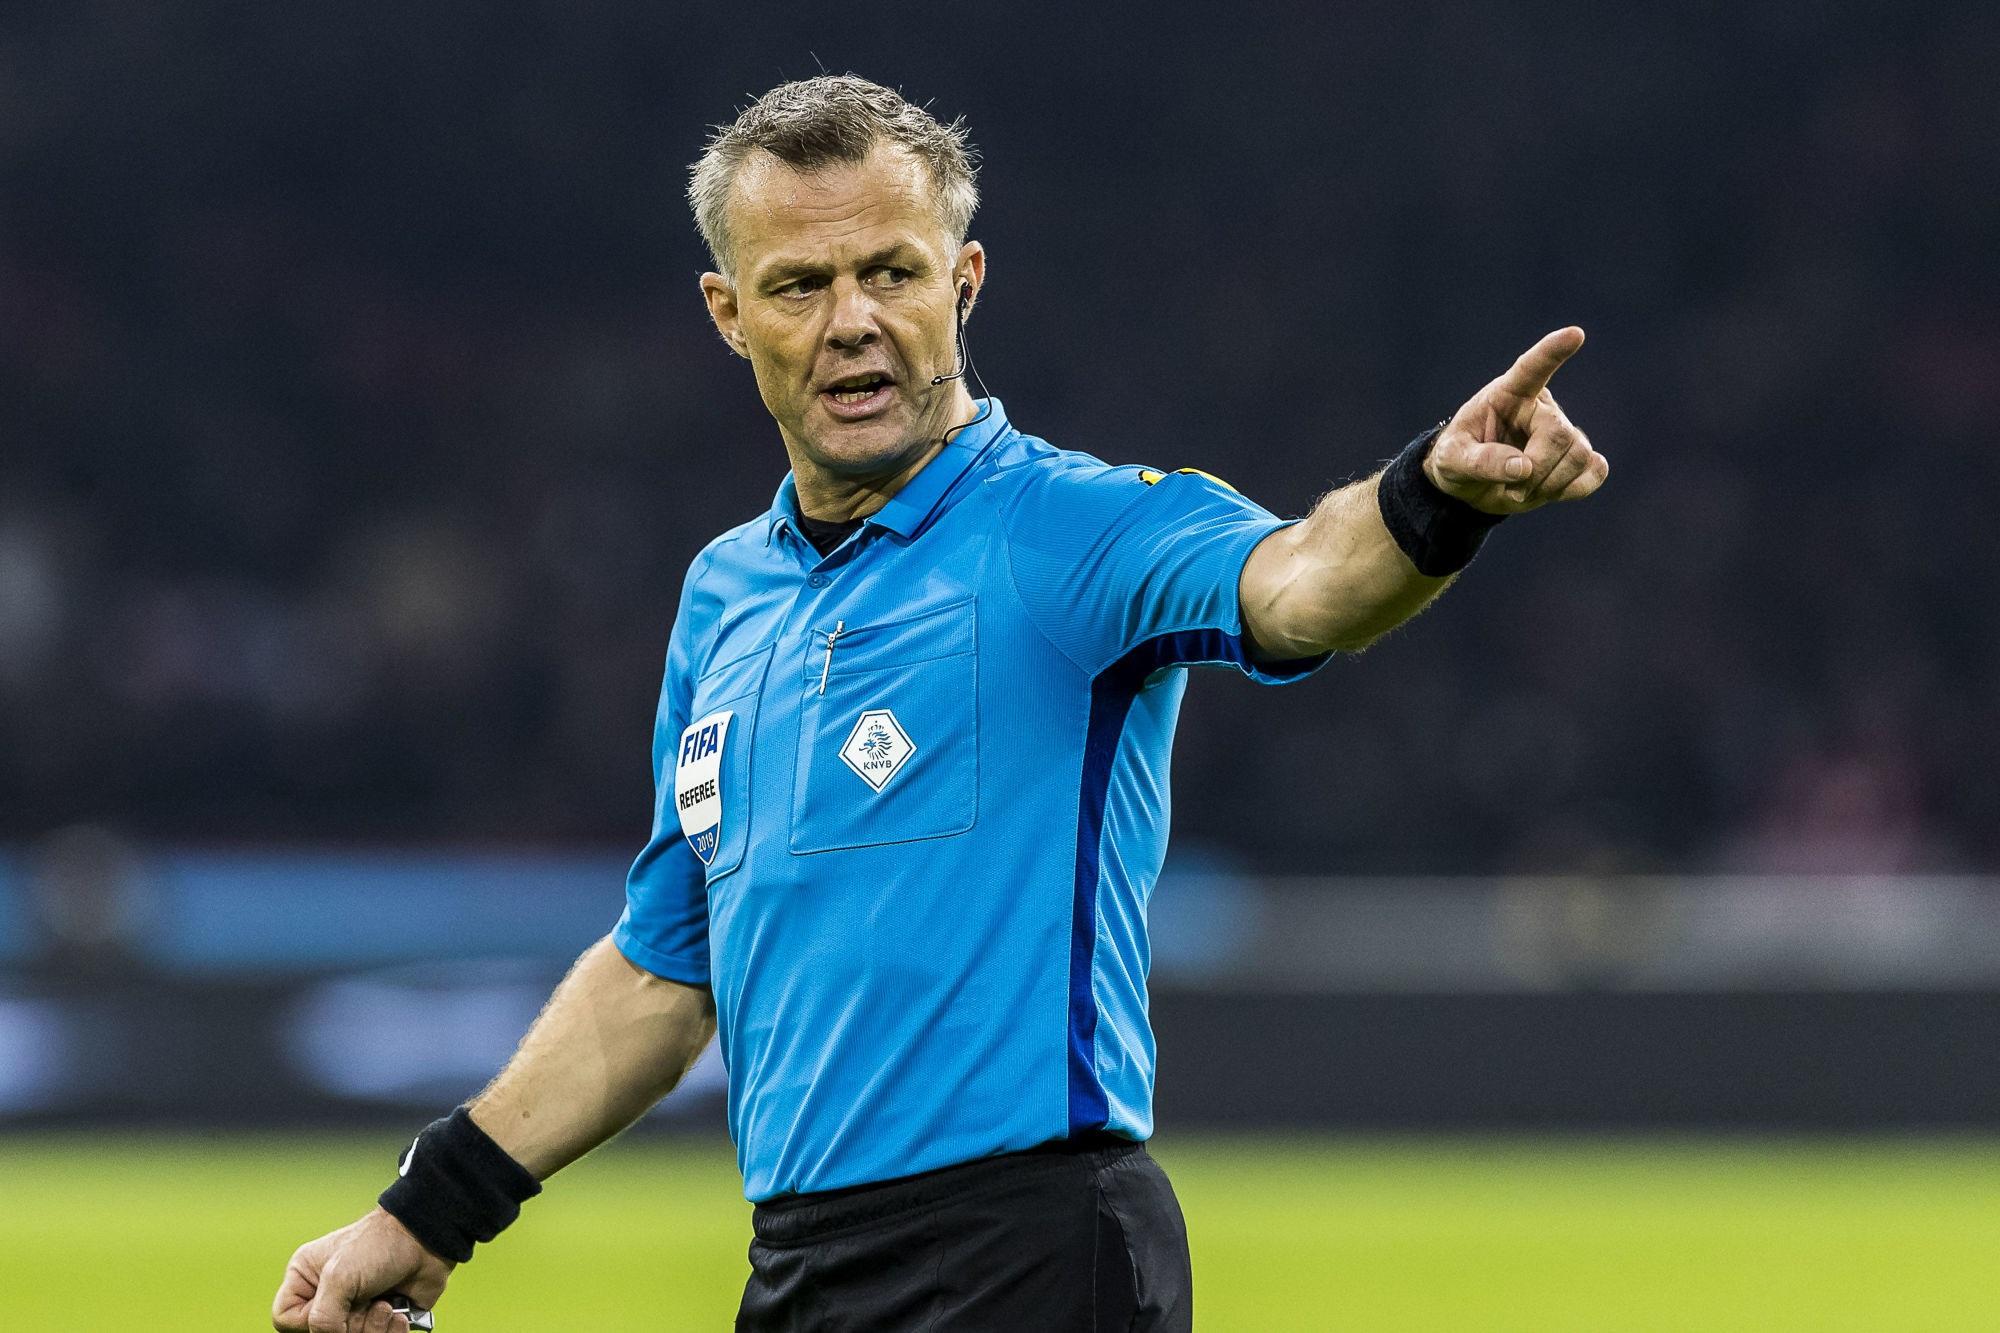 Liepzig/PSG - L'arbitre de la demi-finale a été désigné, peu de cartons et des mauvais souvenirs